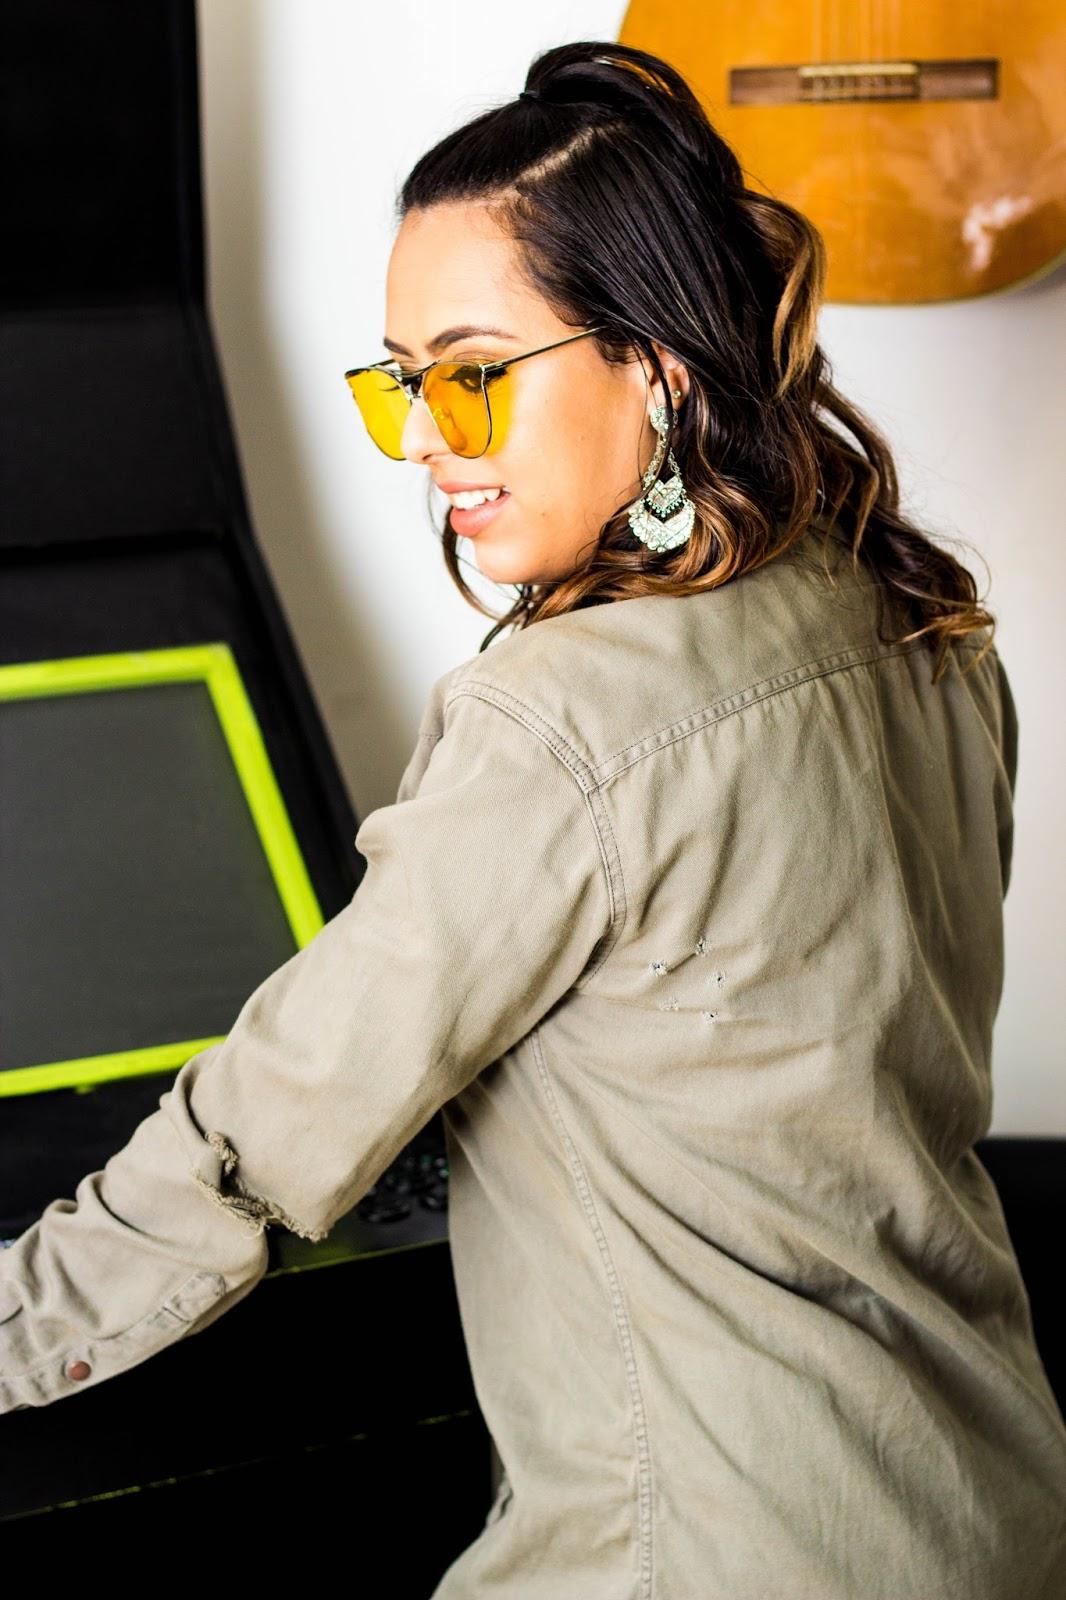 Os óculos com lentes coloridas não são apenas acessórios para compor um  visual diferenciado. As cores agem como filtros ou barreiras para  determinadas ... fab120292e